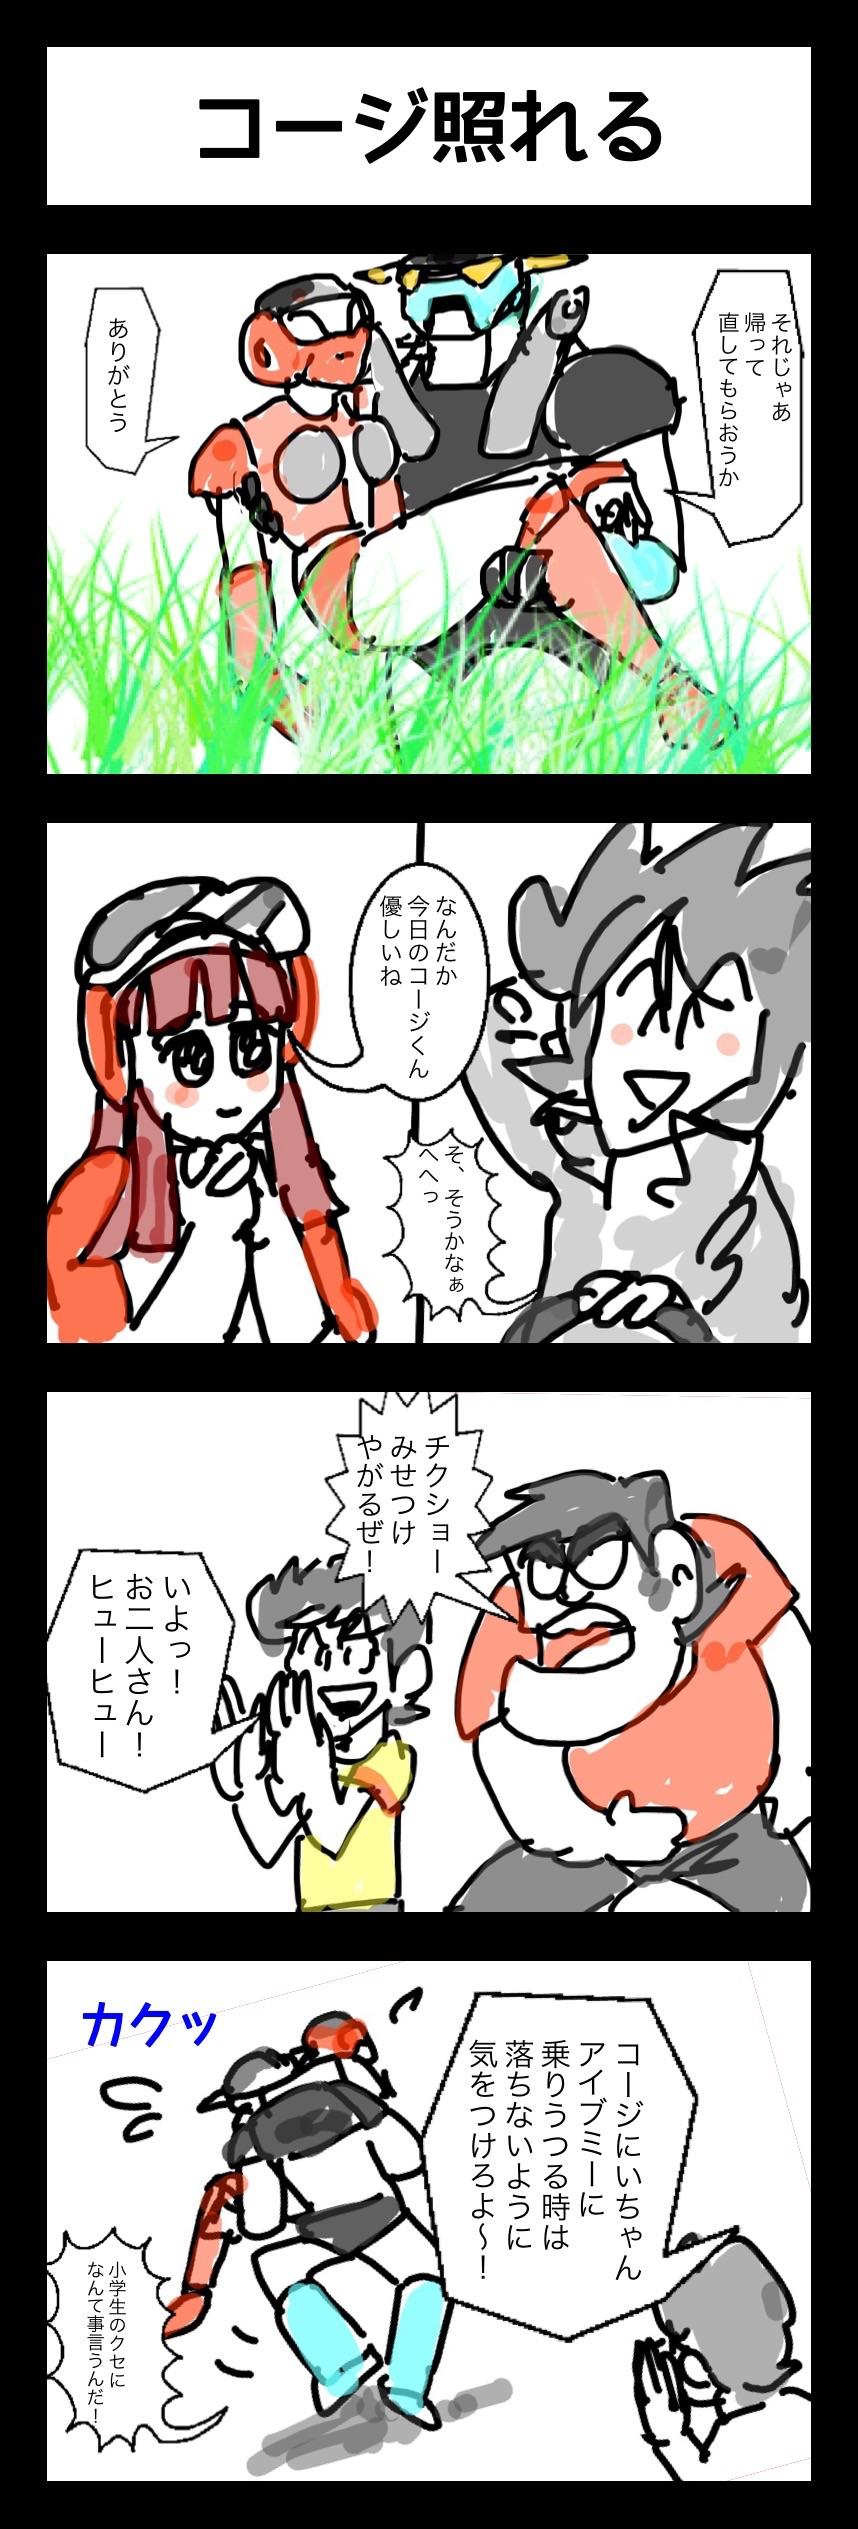 連鎖4コマ漫画 アトランダーV 23